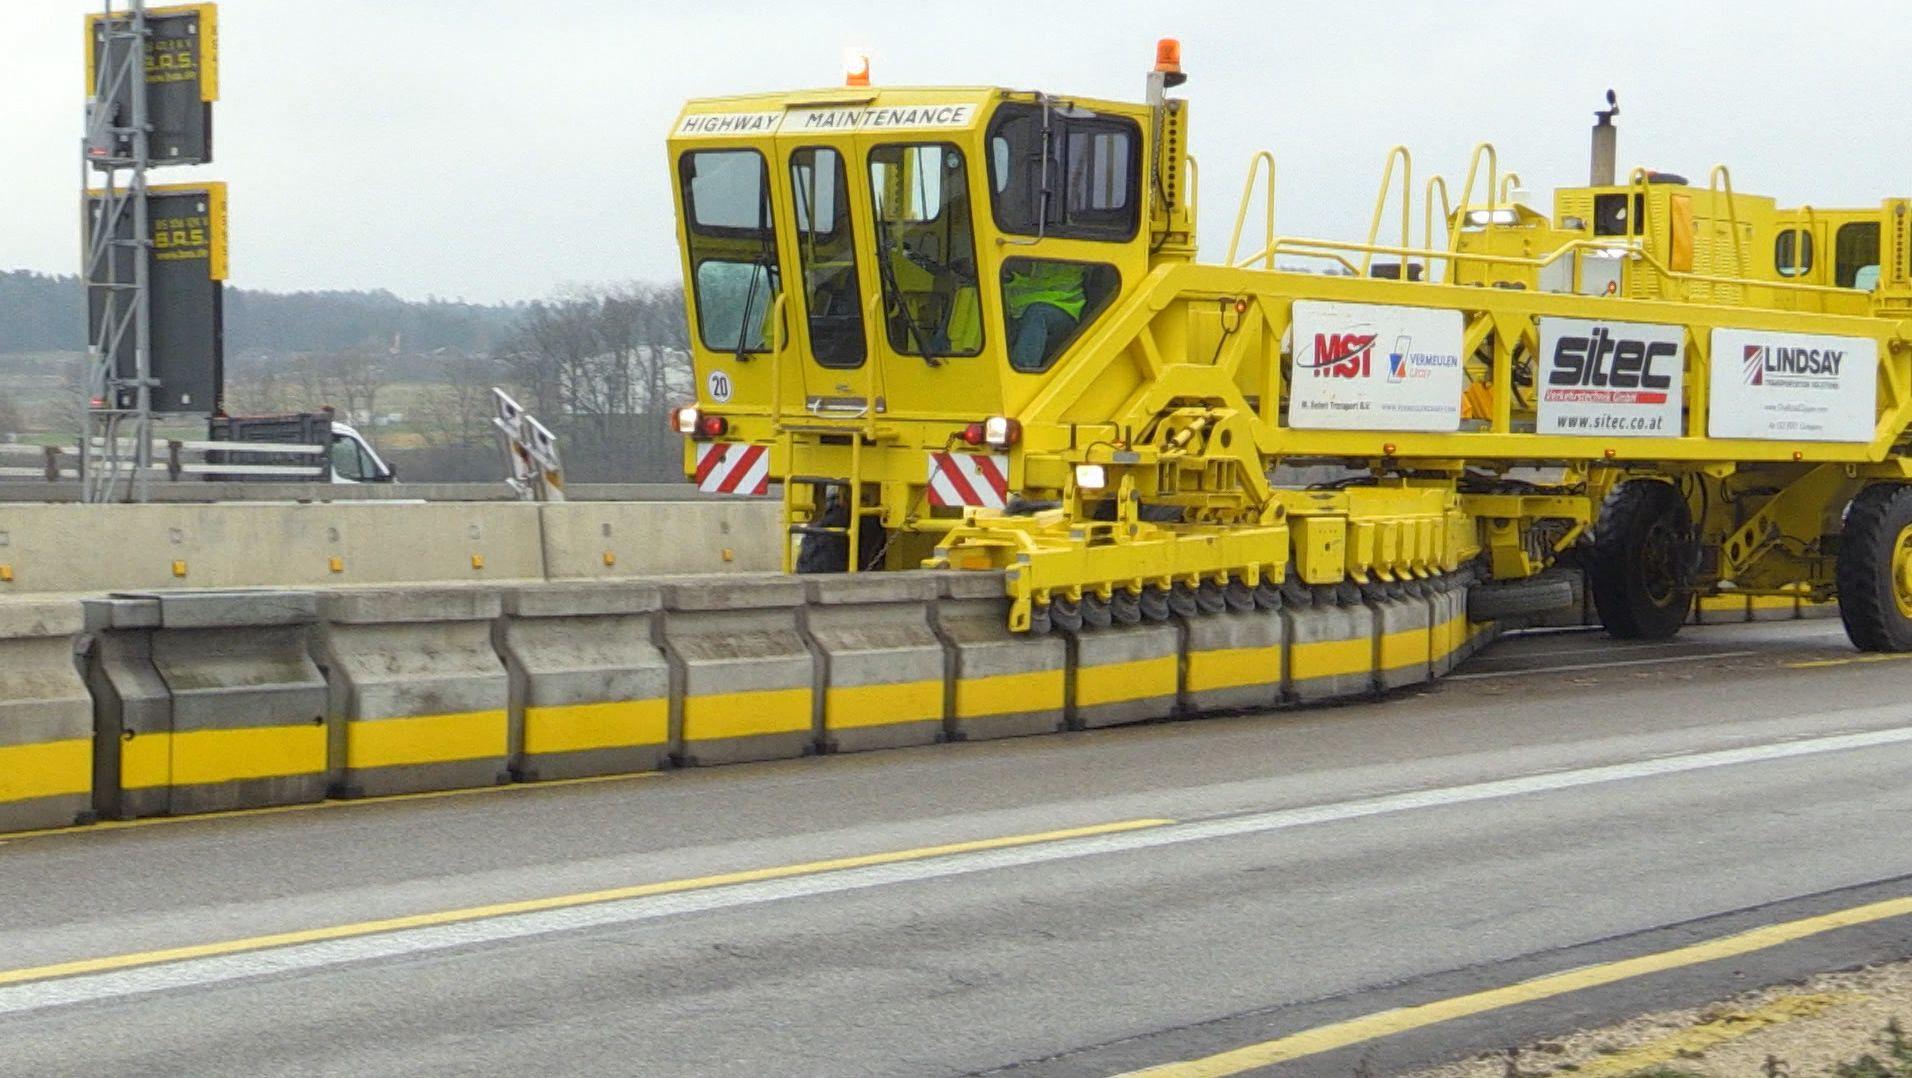 Der Roadzipper auf der A9